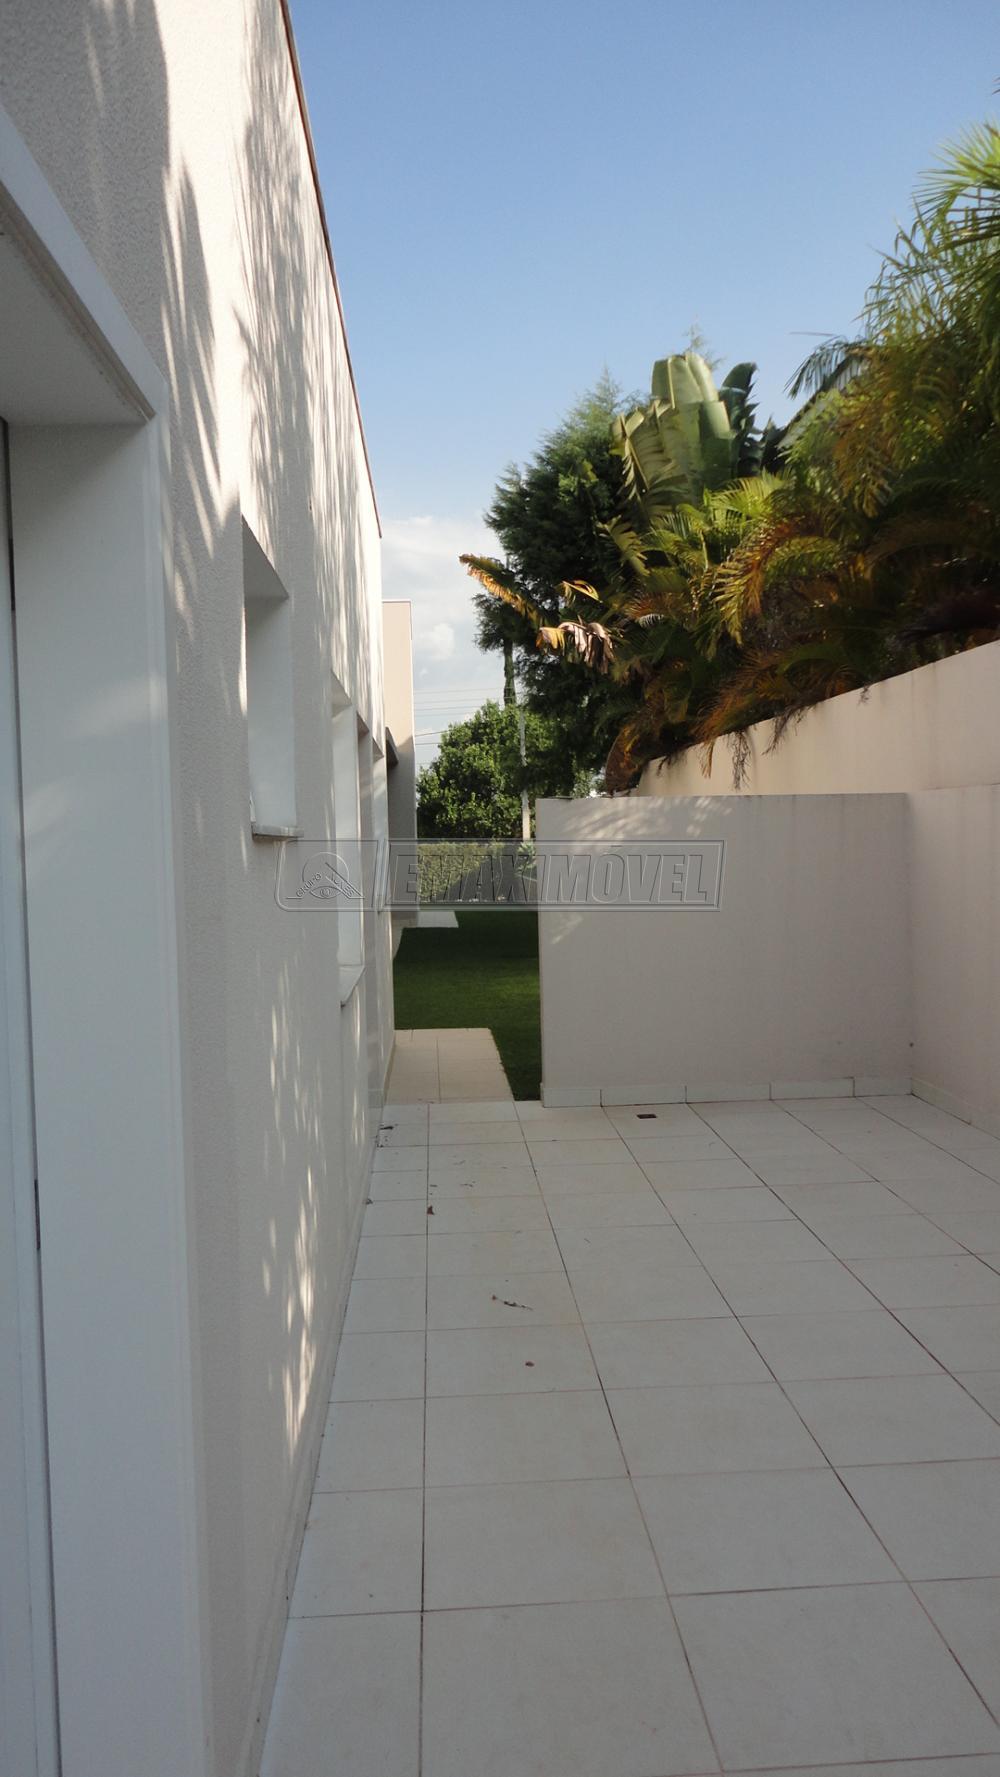 Comprar Casa / em Condomínios em Itu R$ 1.700.000,00 - Foto 32